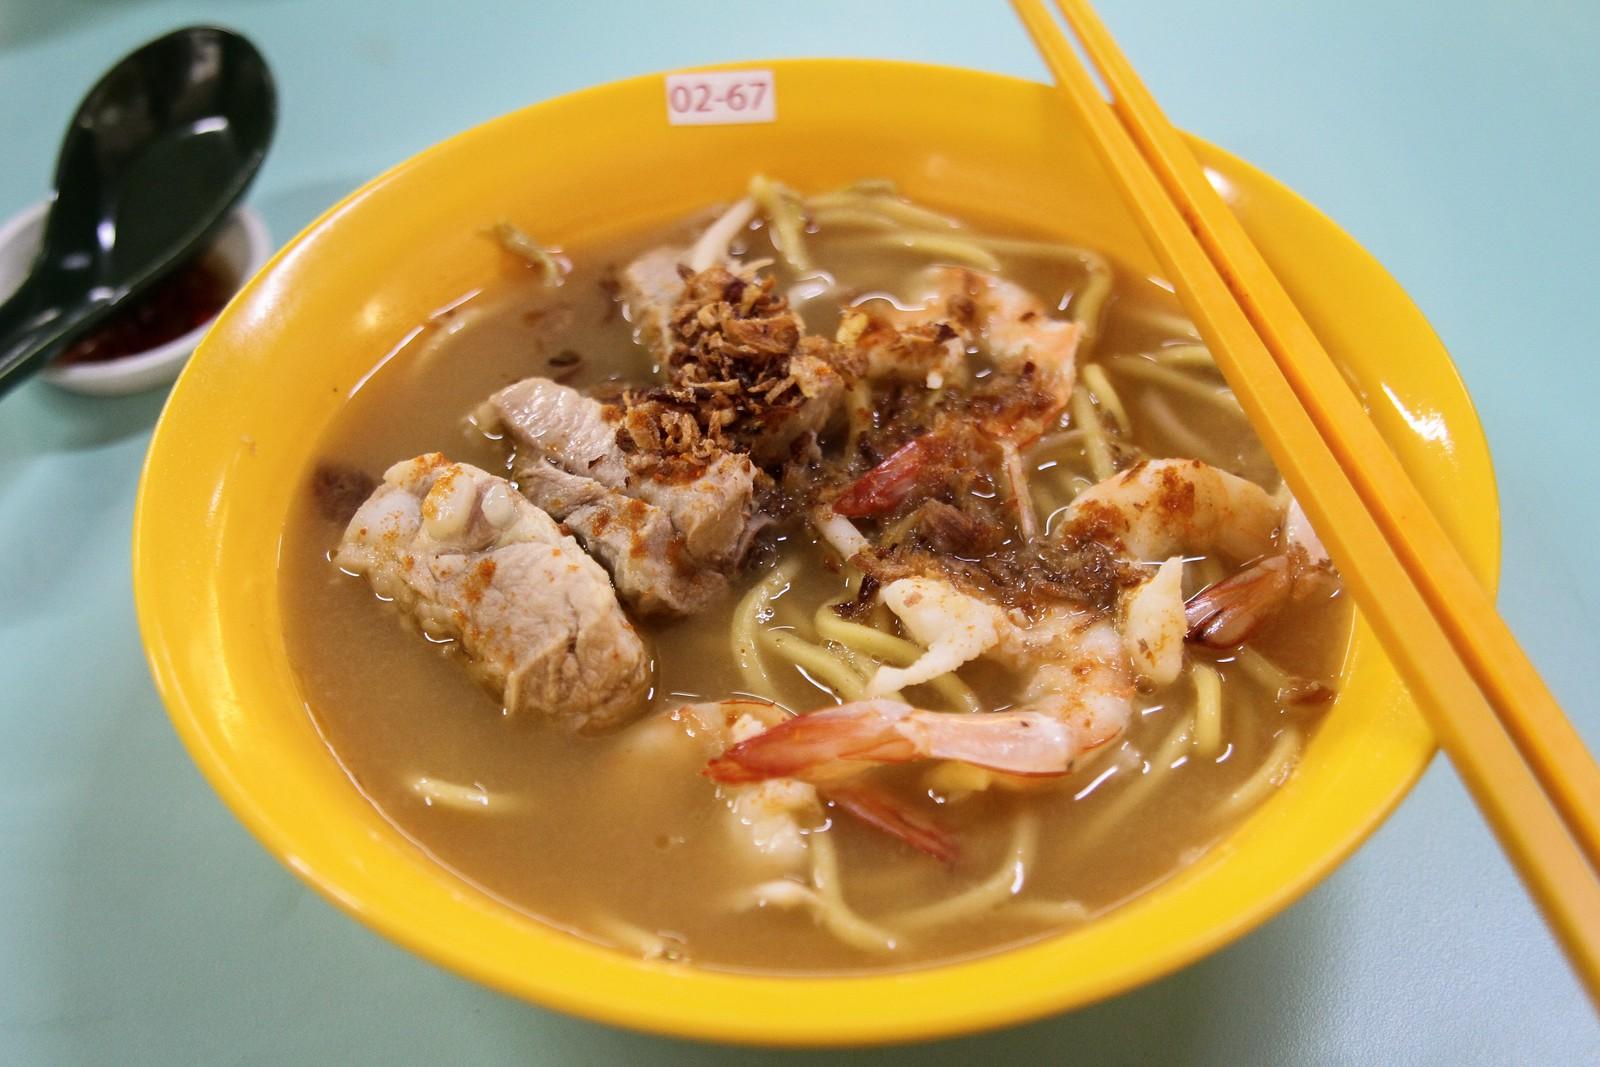 Hong Lim Old Prawn Noodles 2